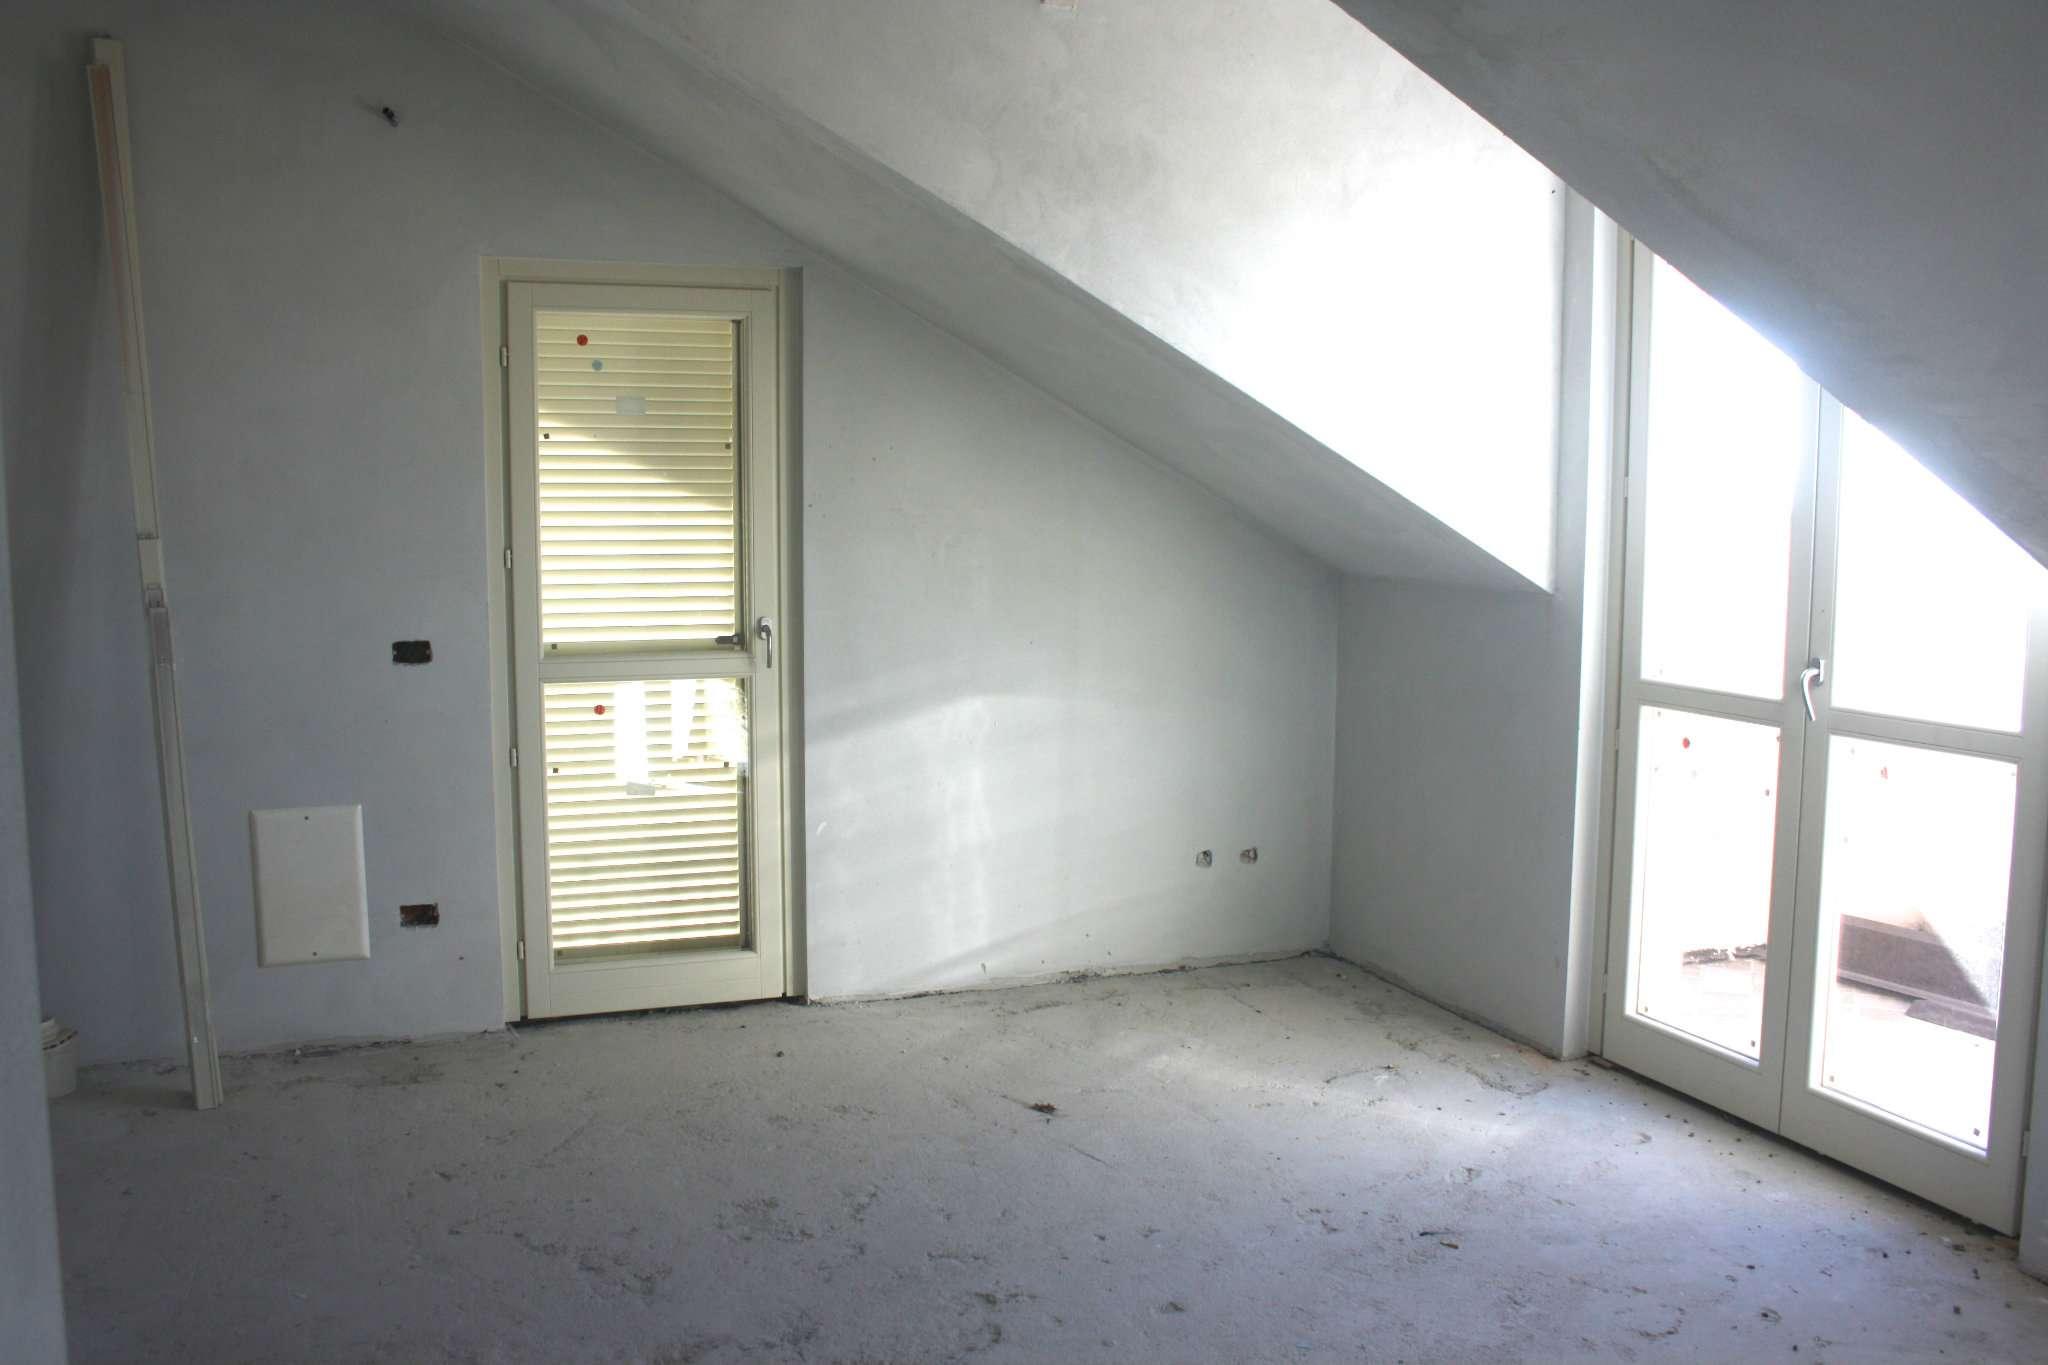 Appartamento in vendita a Bra, 2 locali, prezzo € 76.000 | Cambio Casa.it